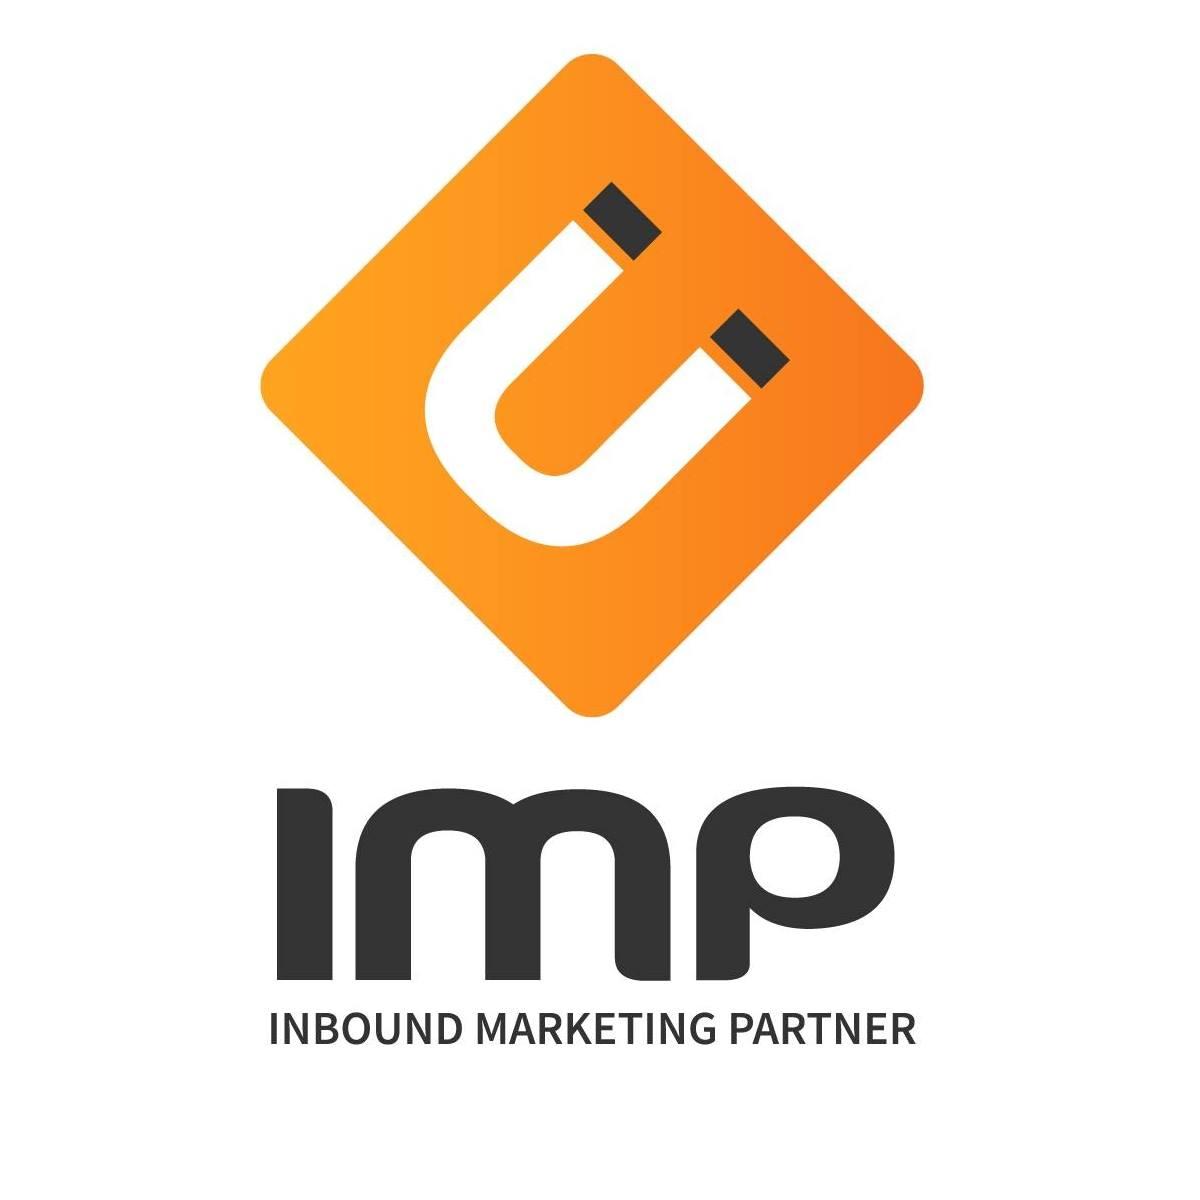 logo imp